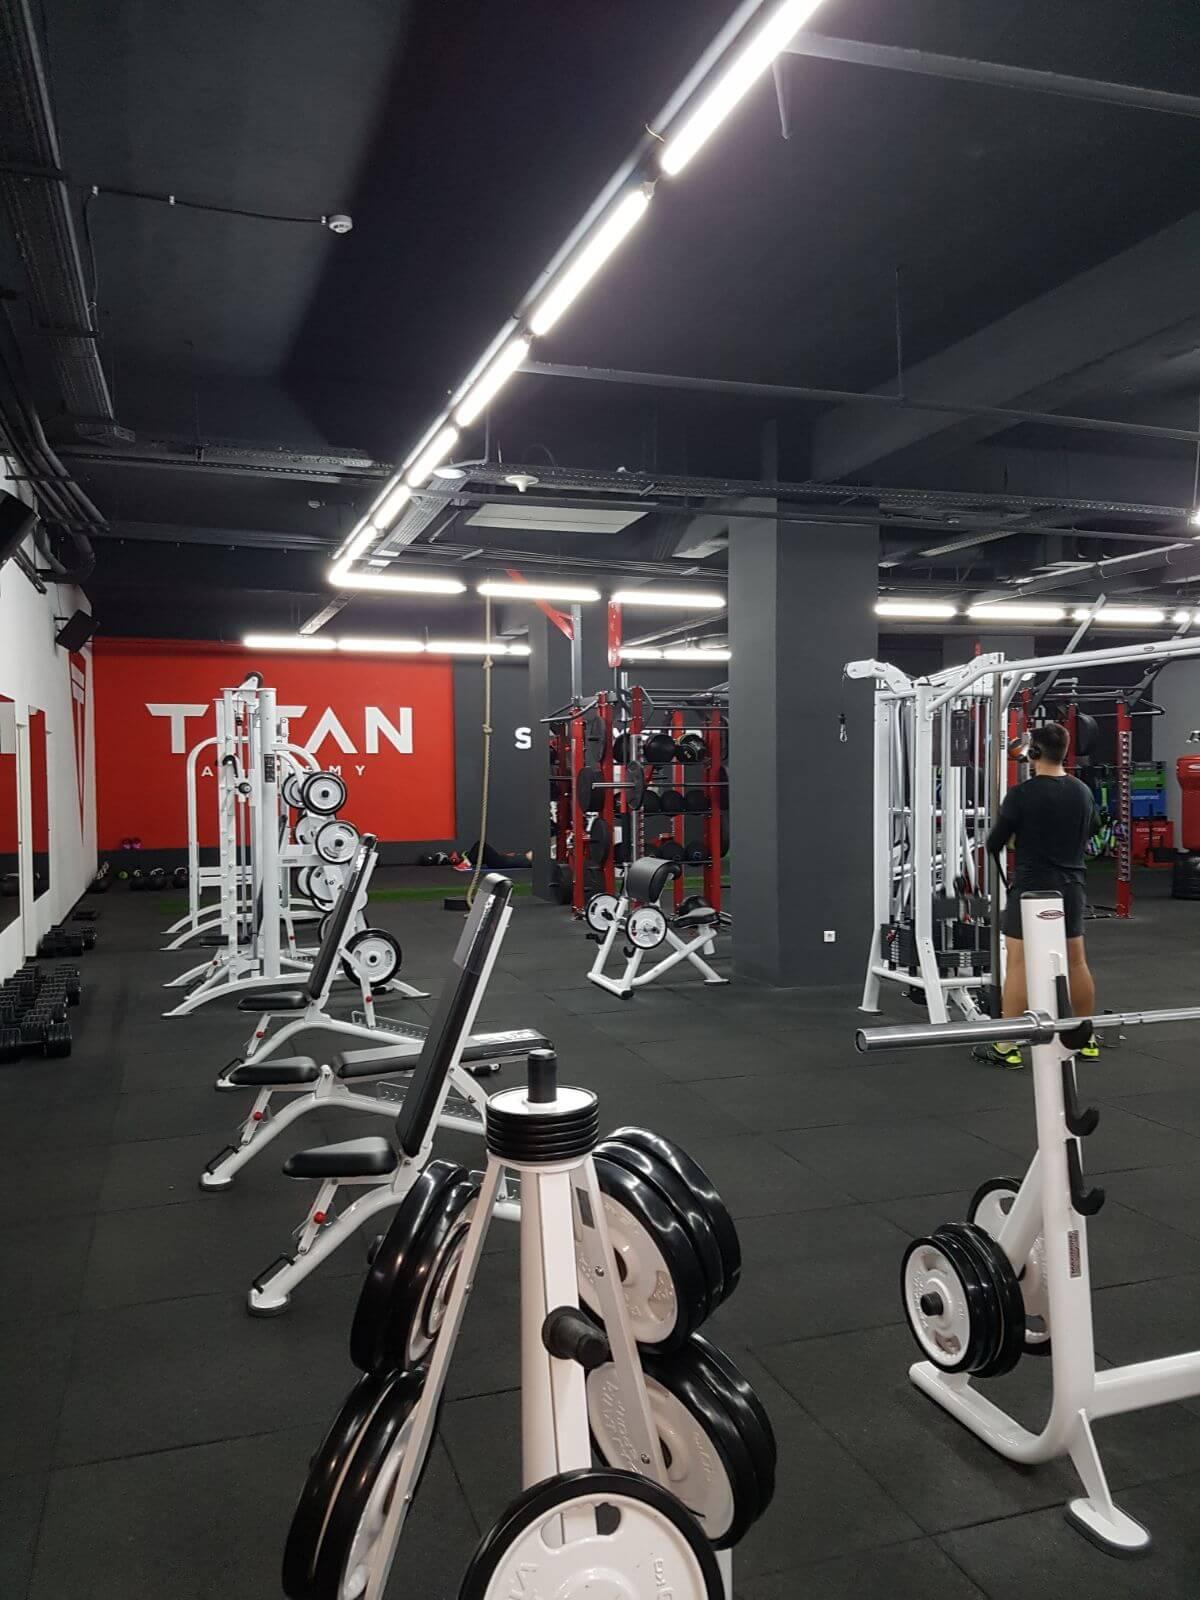 Galerie echipamente fitness 2018 - 10